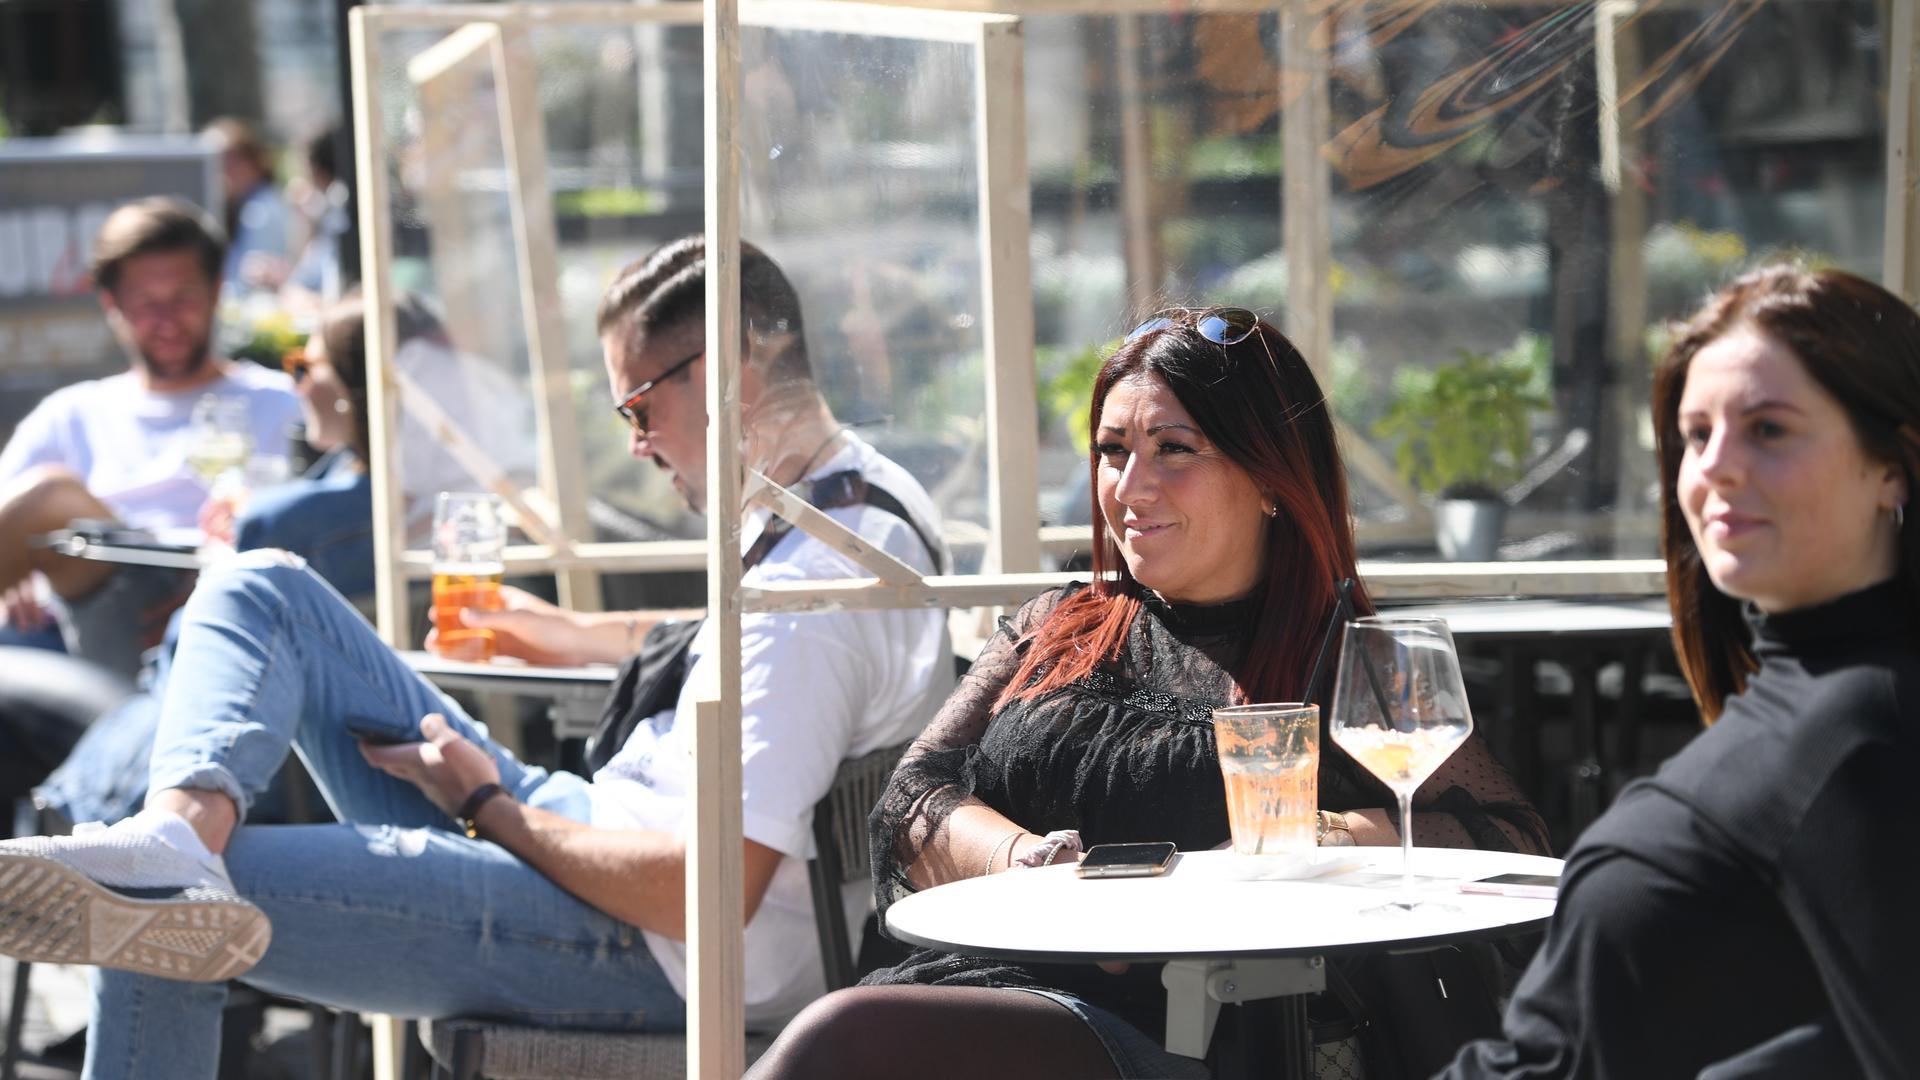 Streng getrennt: Hinter provisorischen Holzgerüsten mit Kunststoffscheiben genießen die Gäste dieses Lokals ihre Getränke. In Baden-Württemberg machen sich viele Wirte Sorgen um den Fortbestand ihrer von der Pandemie schwer getroffenen Betriebe.